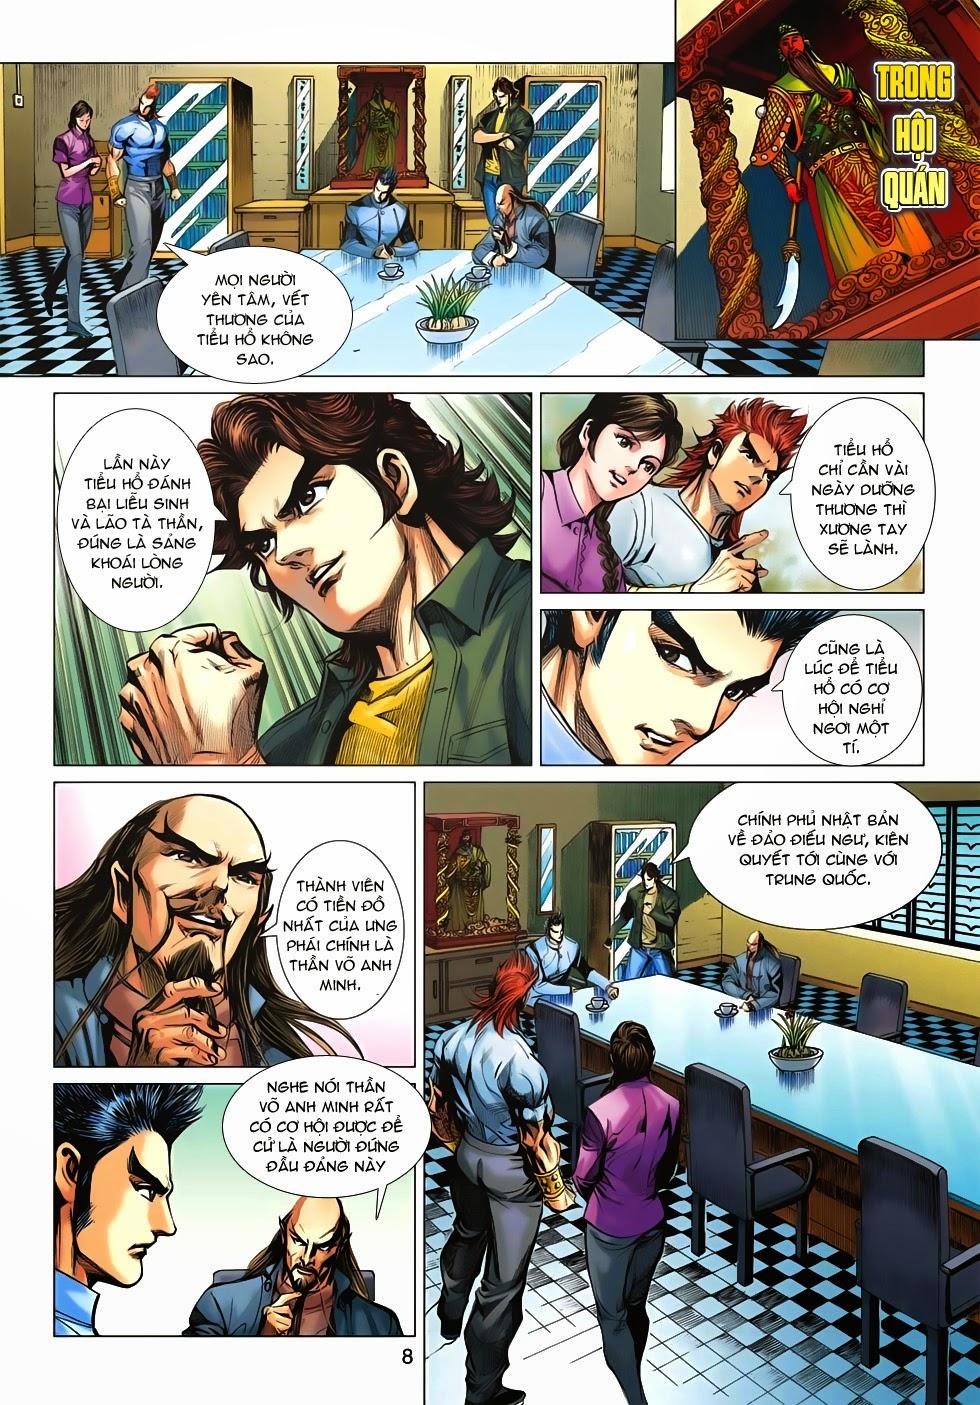 Tân Tác Long Hổ Môn chap 659 - Trang 8